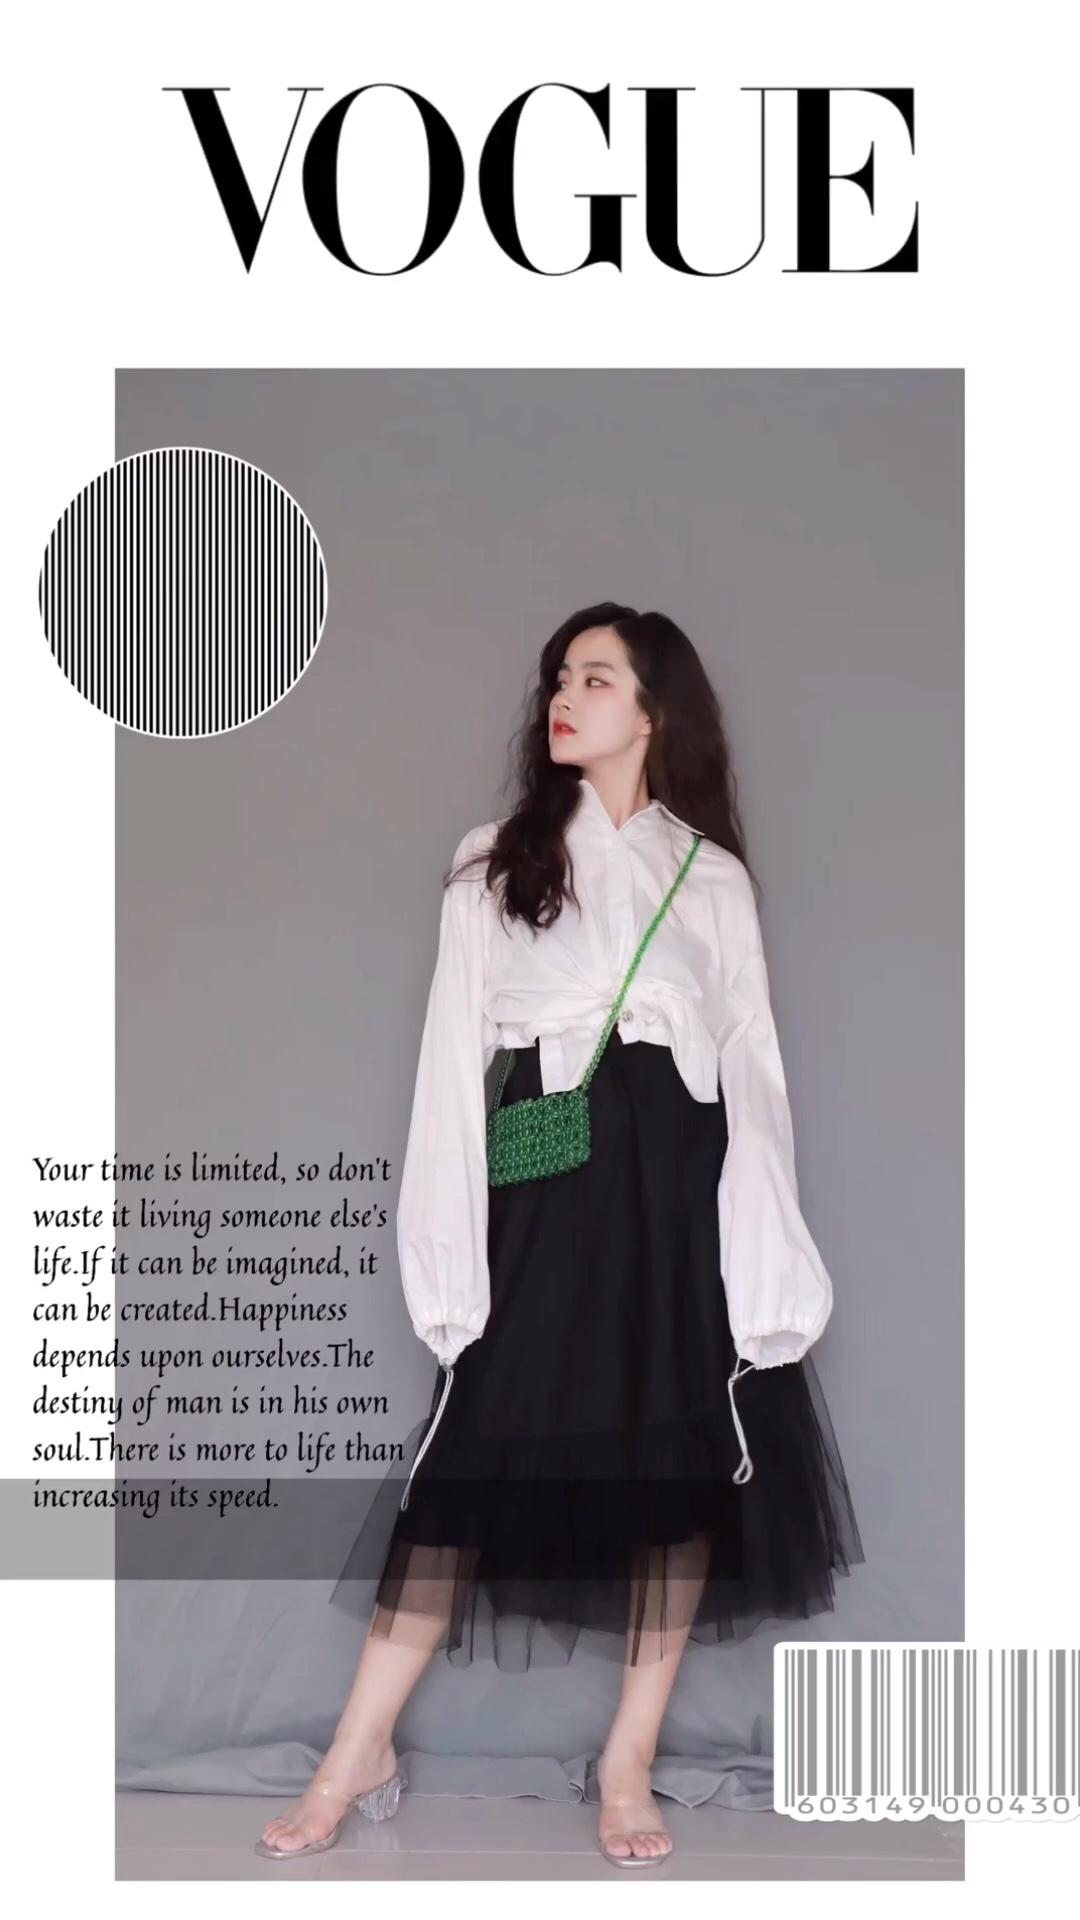 白色抽绳短款衬衫搭配黑色网纱半身裙 斜挎绿色串珠包包 整套简约气质#网红套装:摆脱穿衣纠结症!#